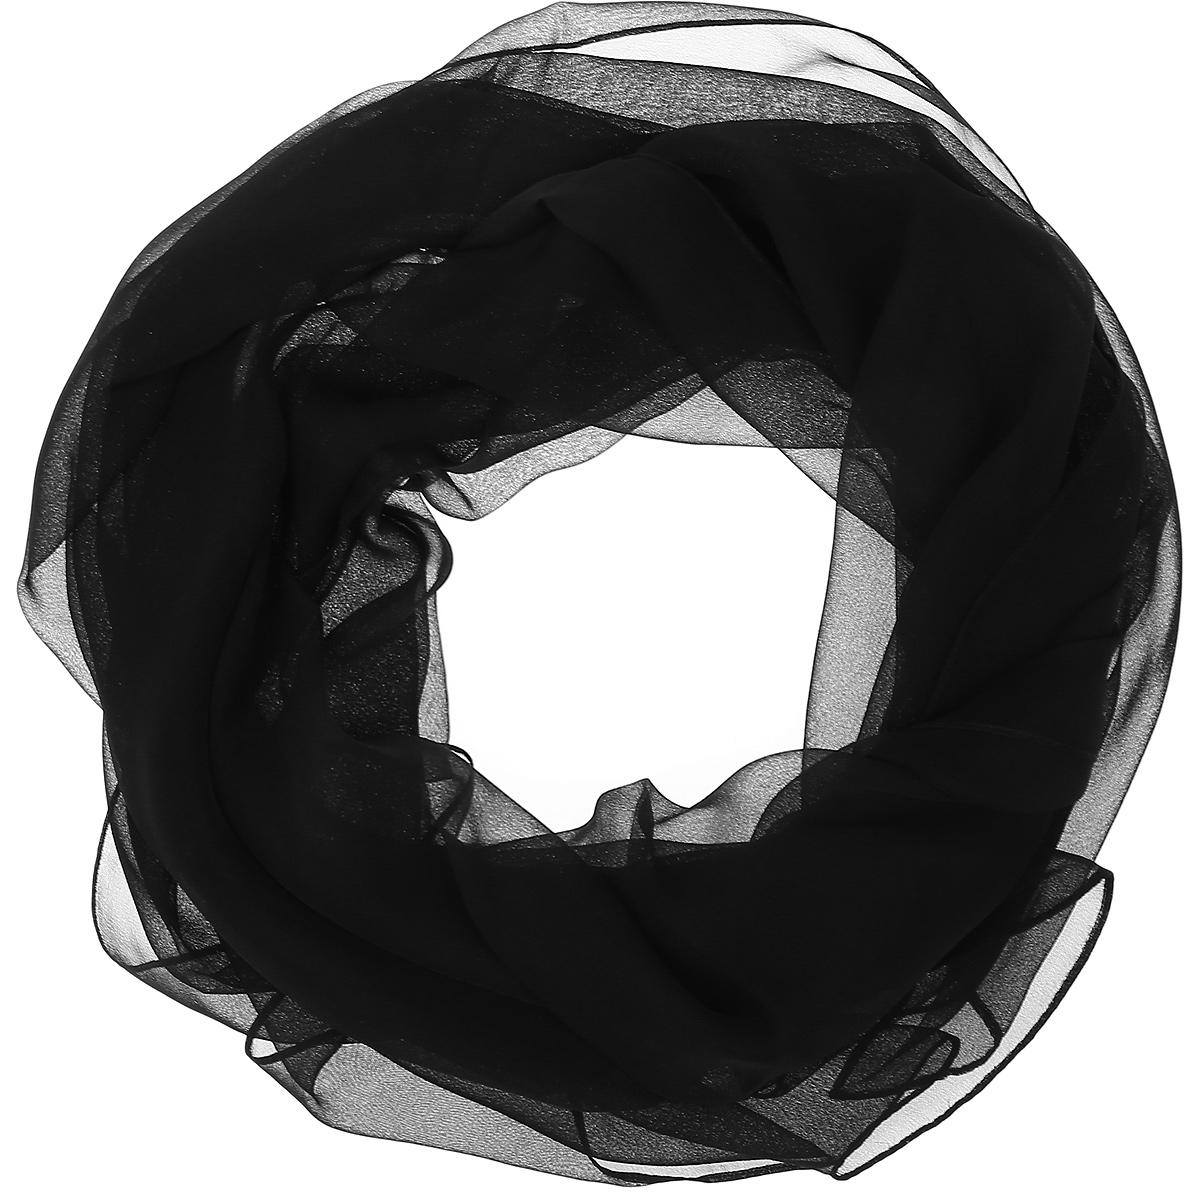 ШарфRo01C1105-1Однотонный шарф от Vittorio Richi выполнен из полиэстера с добавлением шелка. Кромка обработана подрубкой.